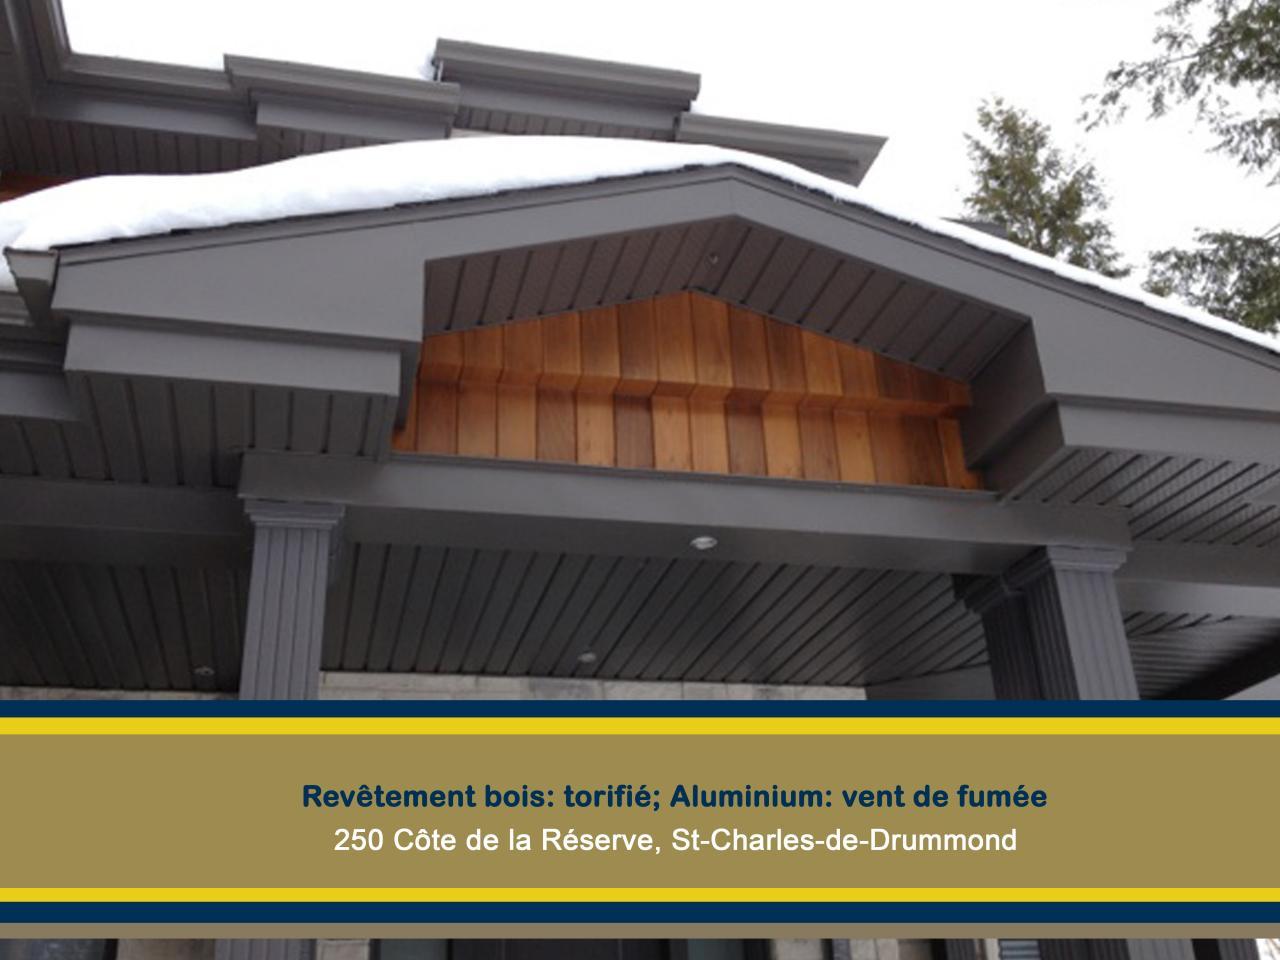 250 Côte de la Réserve St-Charles-de-Drummond